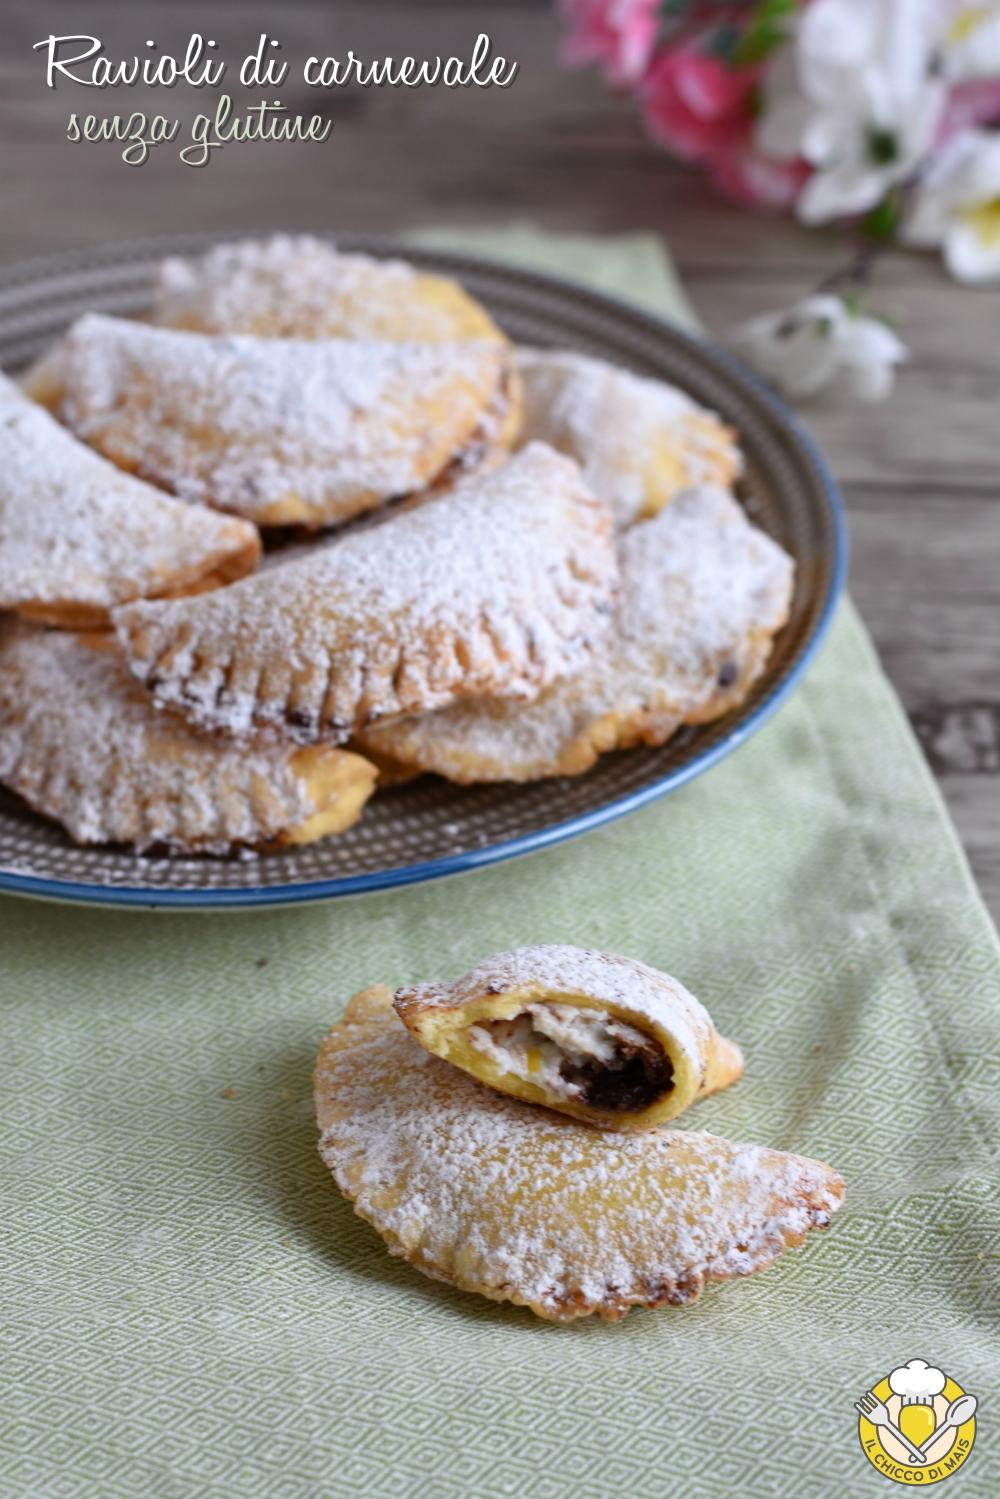 v_ ravioli di carnevale senza glutine con ricotta e gocce di cioccolato ricetta con mix nurifree il chicco di mais